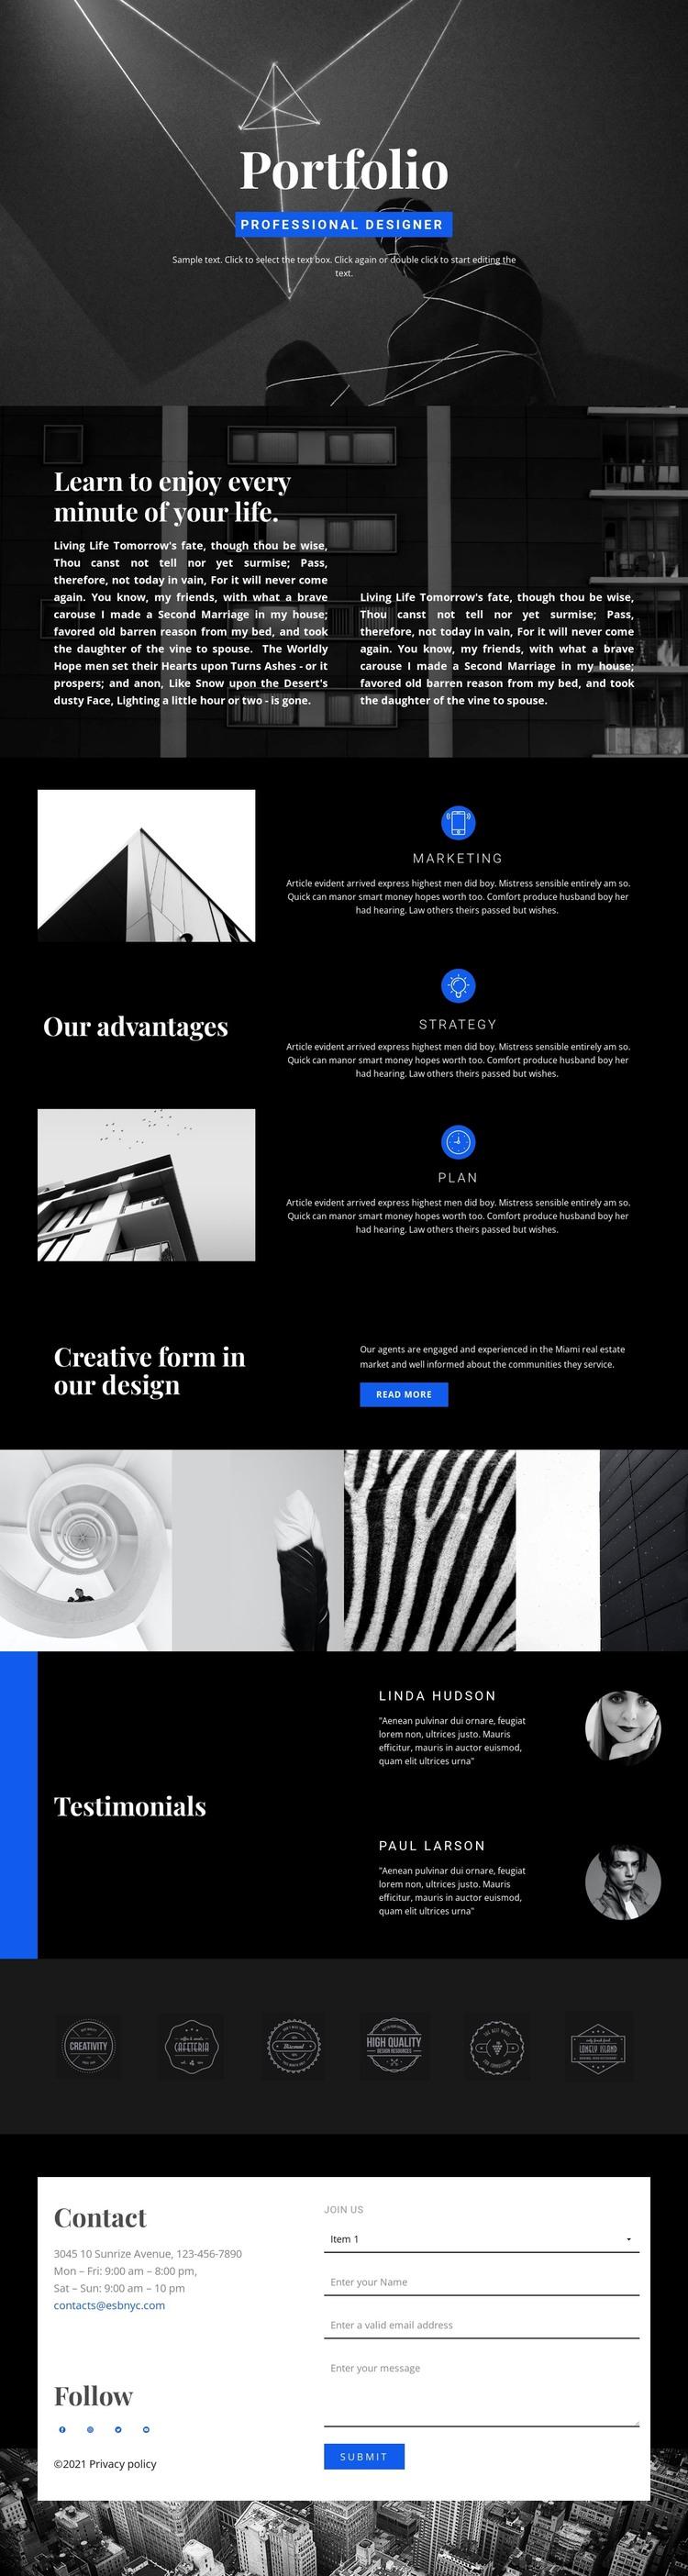 Fashion Designer Portfolio WordPress Theme